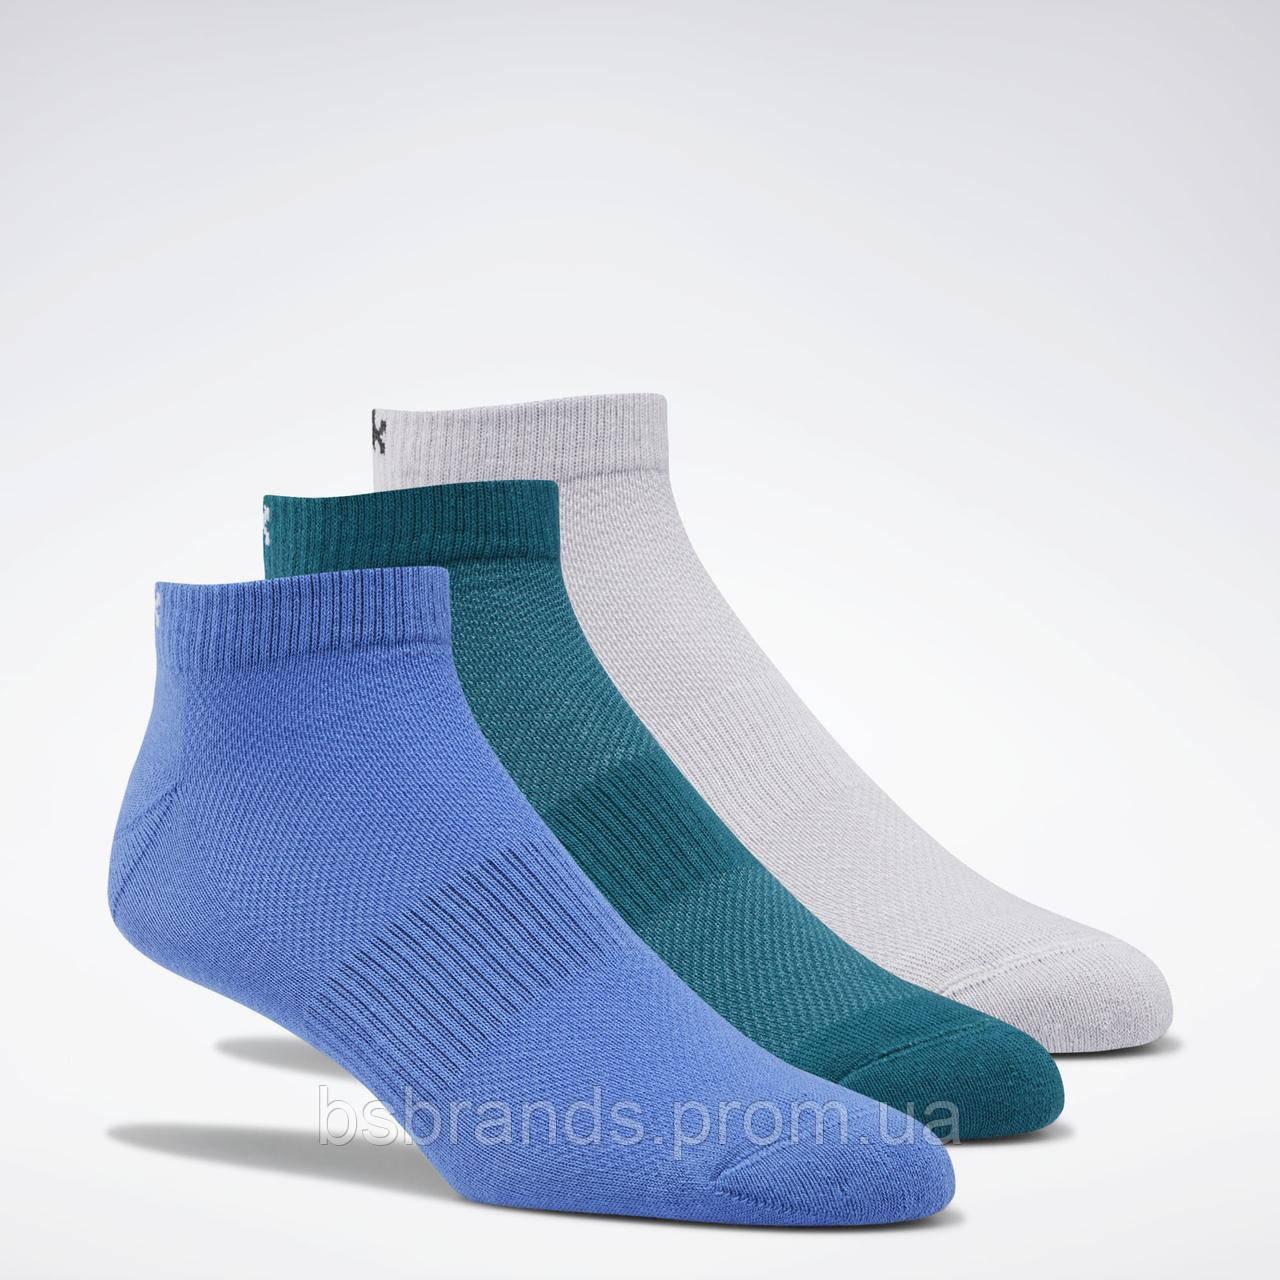 Спортивные носки Reebok Active Foundation Inside, 3 пары FQ5318 (2020/1)